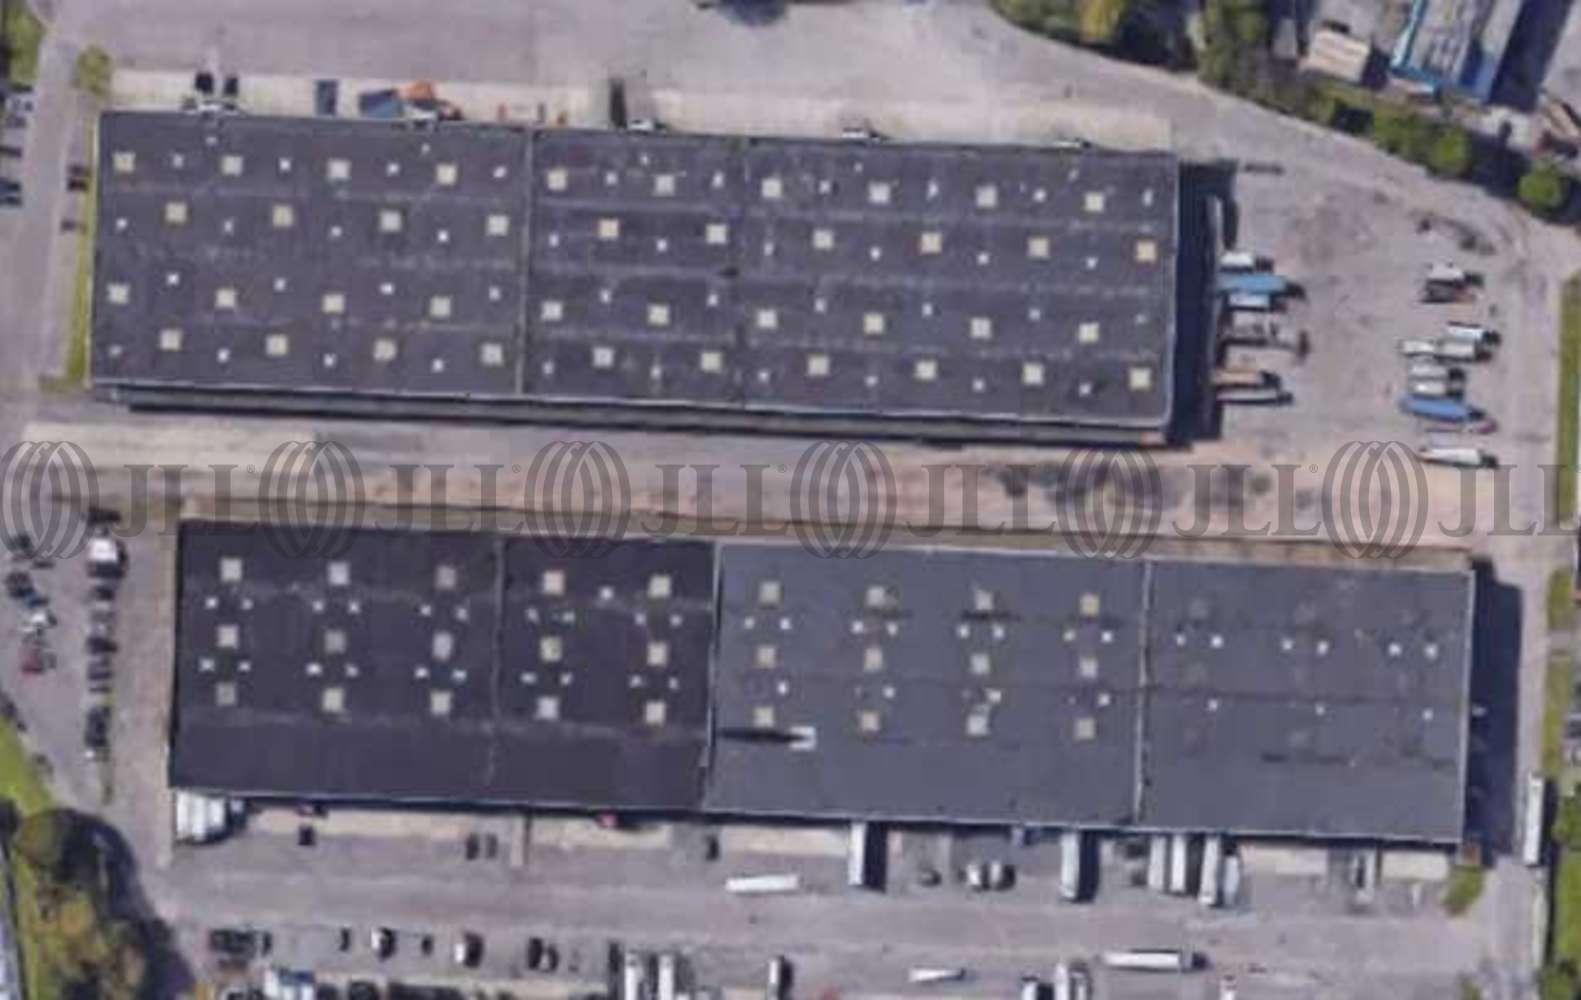 Plateformes logistiques Le petit quevilly, 76140 - BATIMENT 1 - 10900808